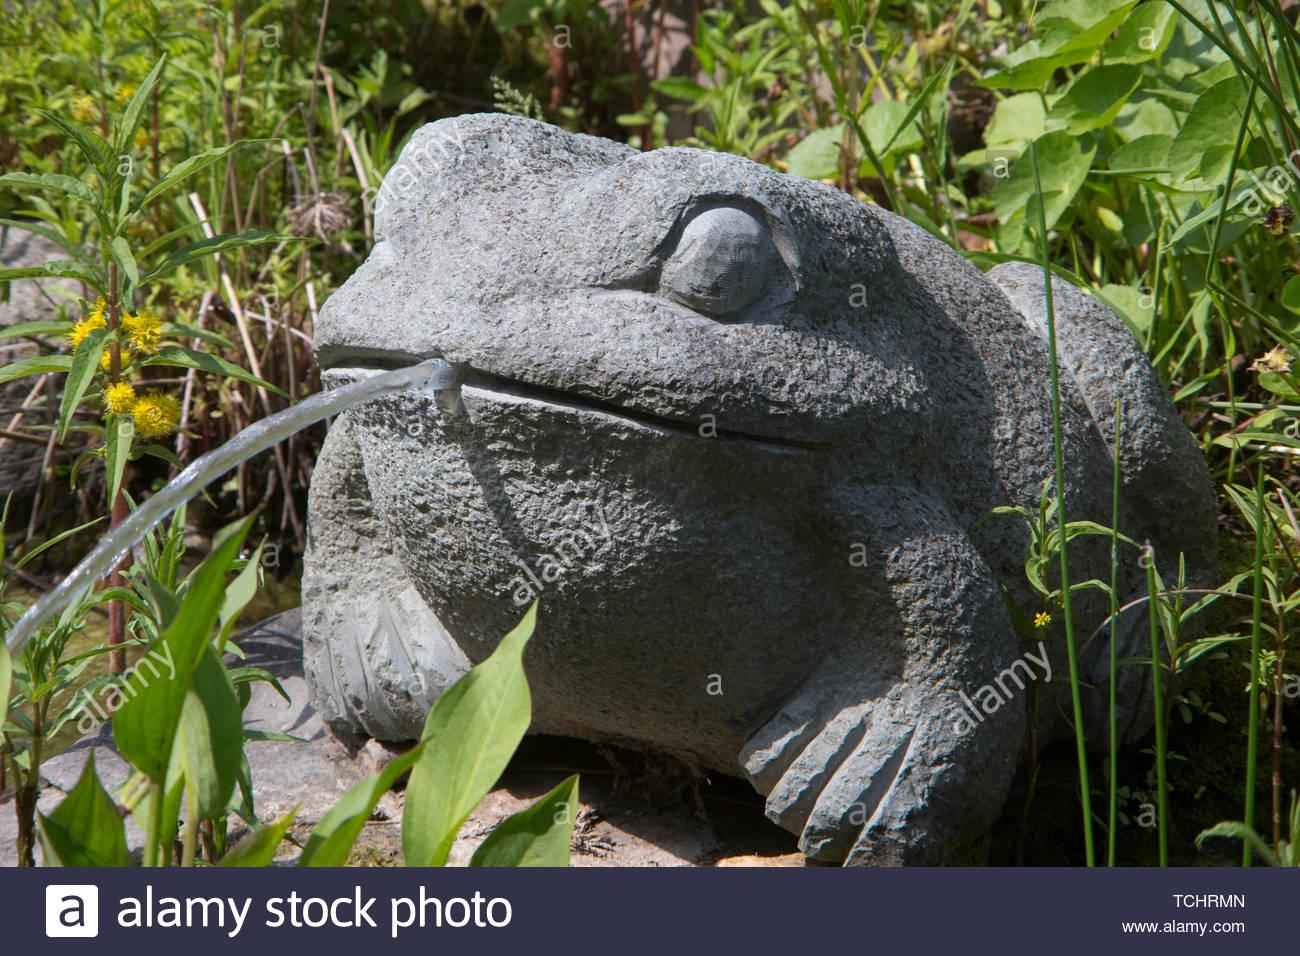 wasserspeiernder frosch am gartenteich TCHRMN